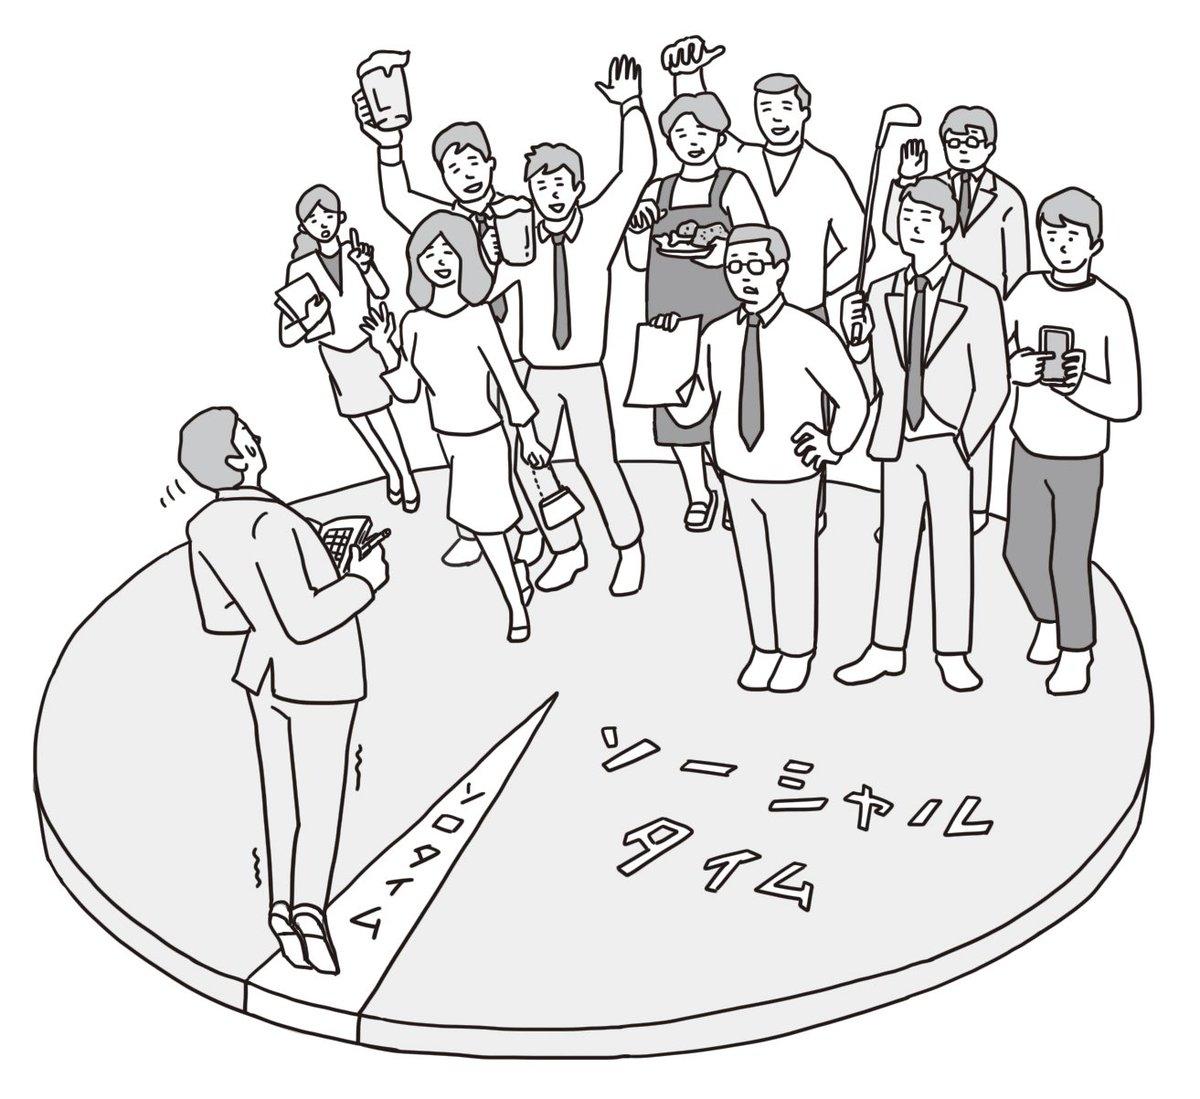 人間関係は大切だけれど、それ自体は人生の目的ではないのです  名越康文 @nakoshiyasufumi『ソロタイム「ひとりぼっち」こそが最強の生存戦略である』 https://t.co/Z9noycD9F7 https://t.co/jQ0dzoiiUS